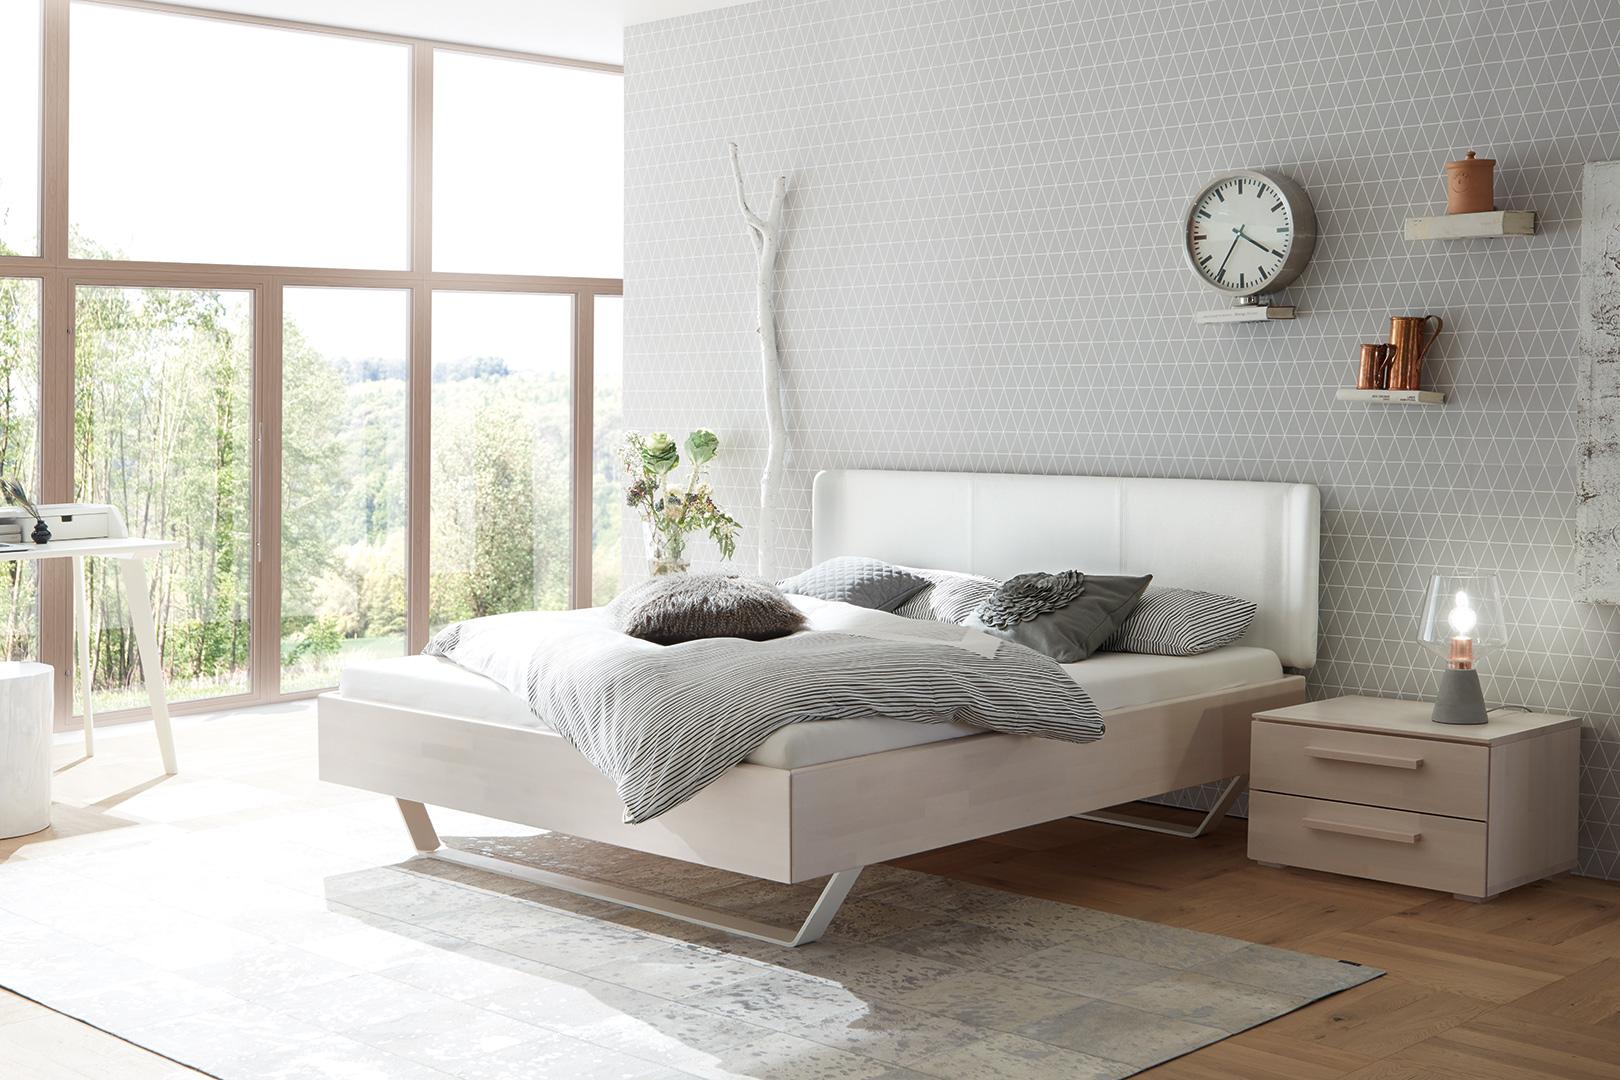 Holzbett mit Kunstleder-Kopfteil und passendem Nachtkonsölchen